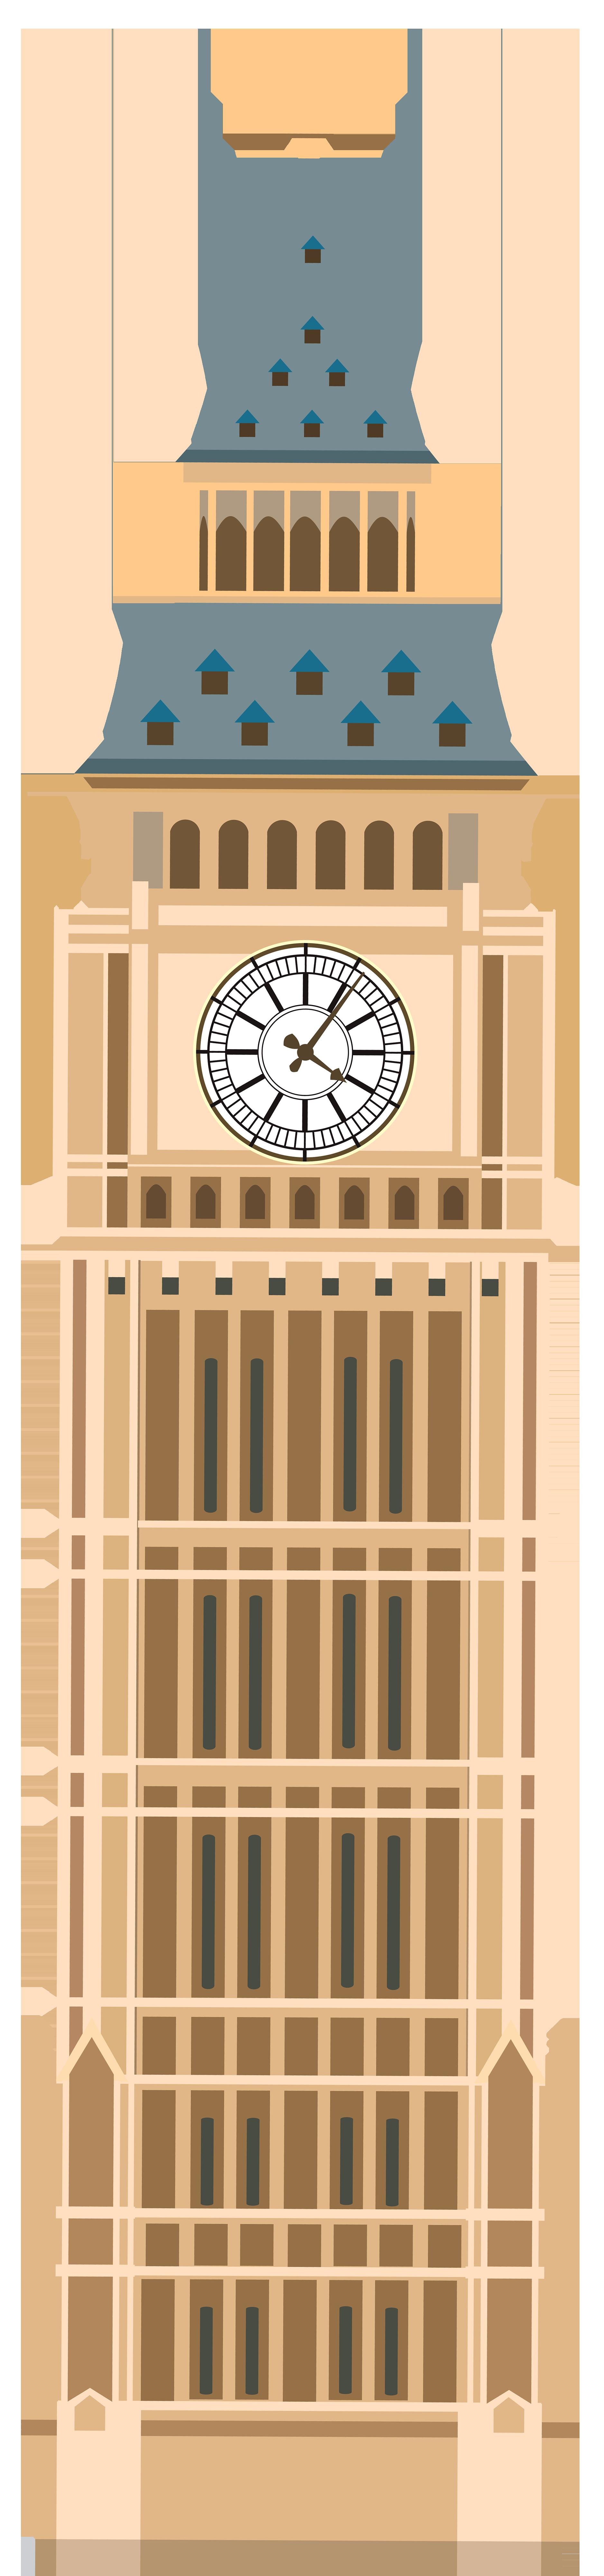 Tower clipart ben. Big png clip art